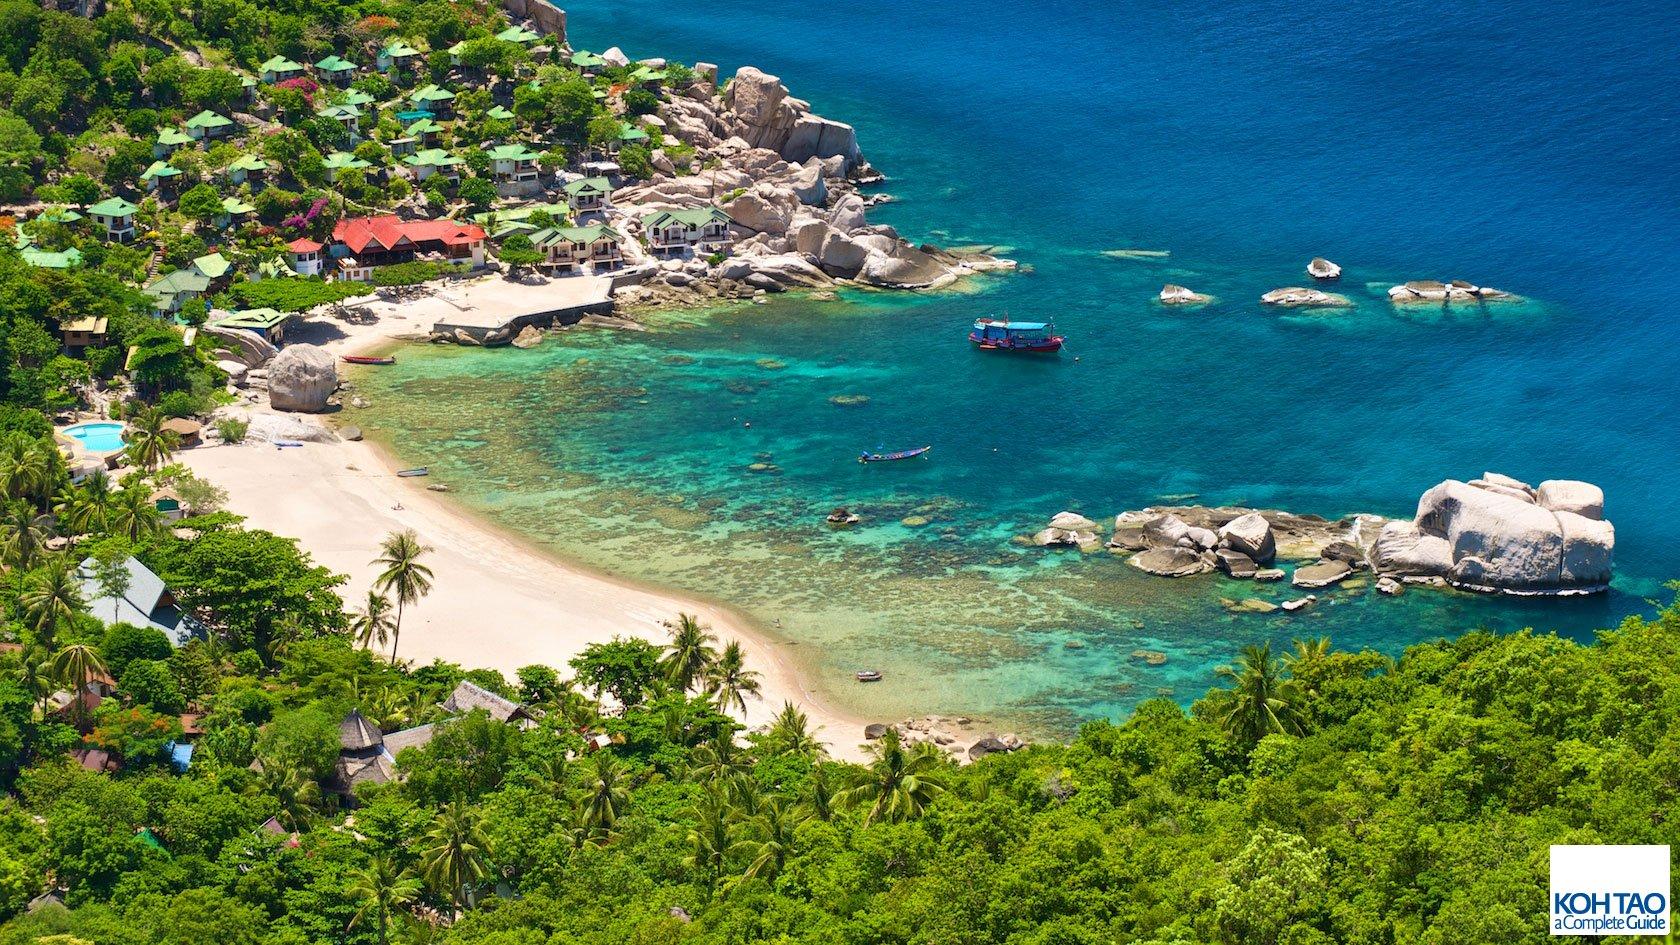 koh tao bay Thailand itinerary